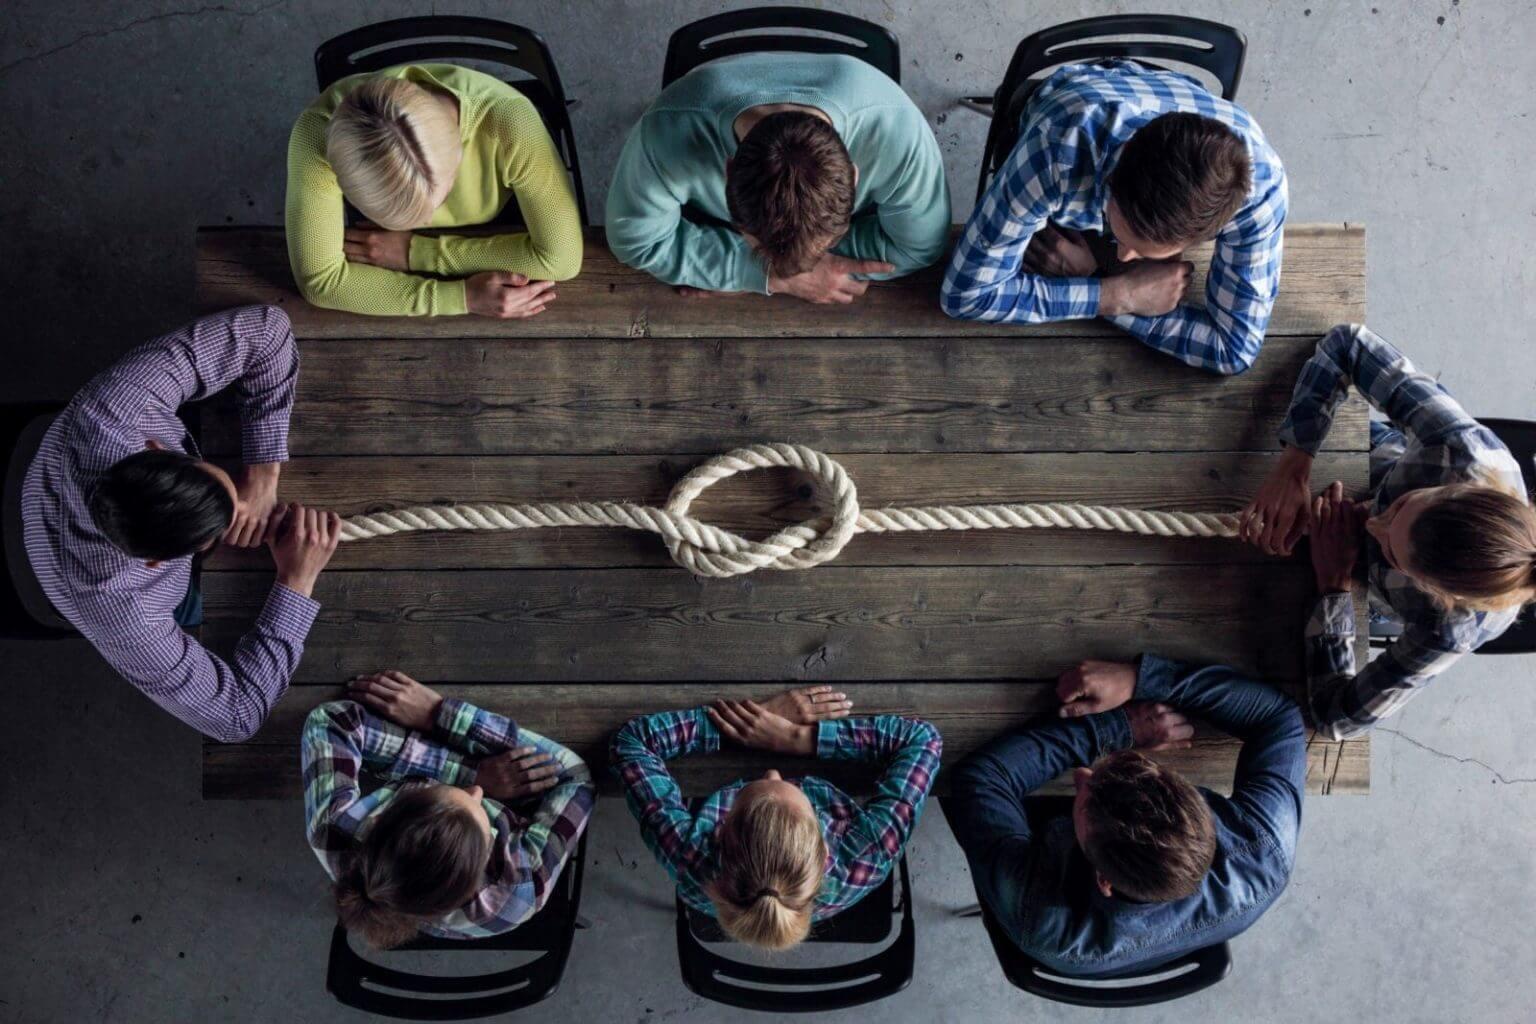 8 personer sitter ved et bord å ser på en knute. Alle har armene på bordet og sitter helt stille med blikket fremover.